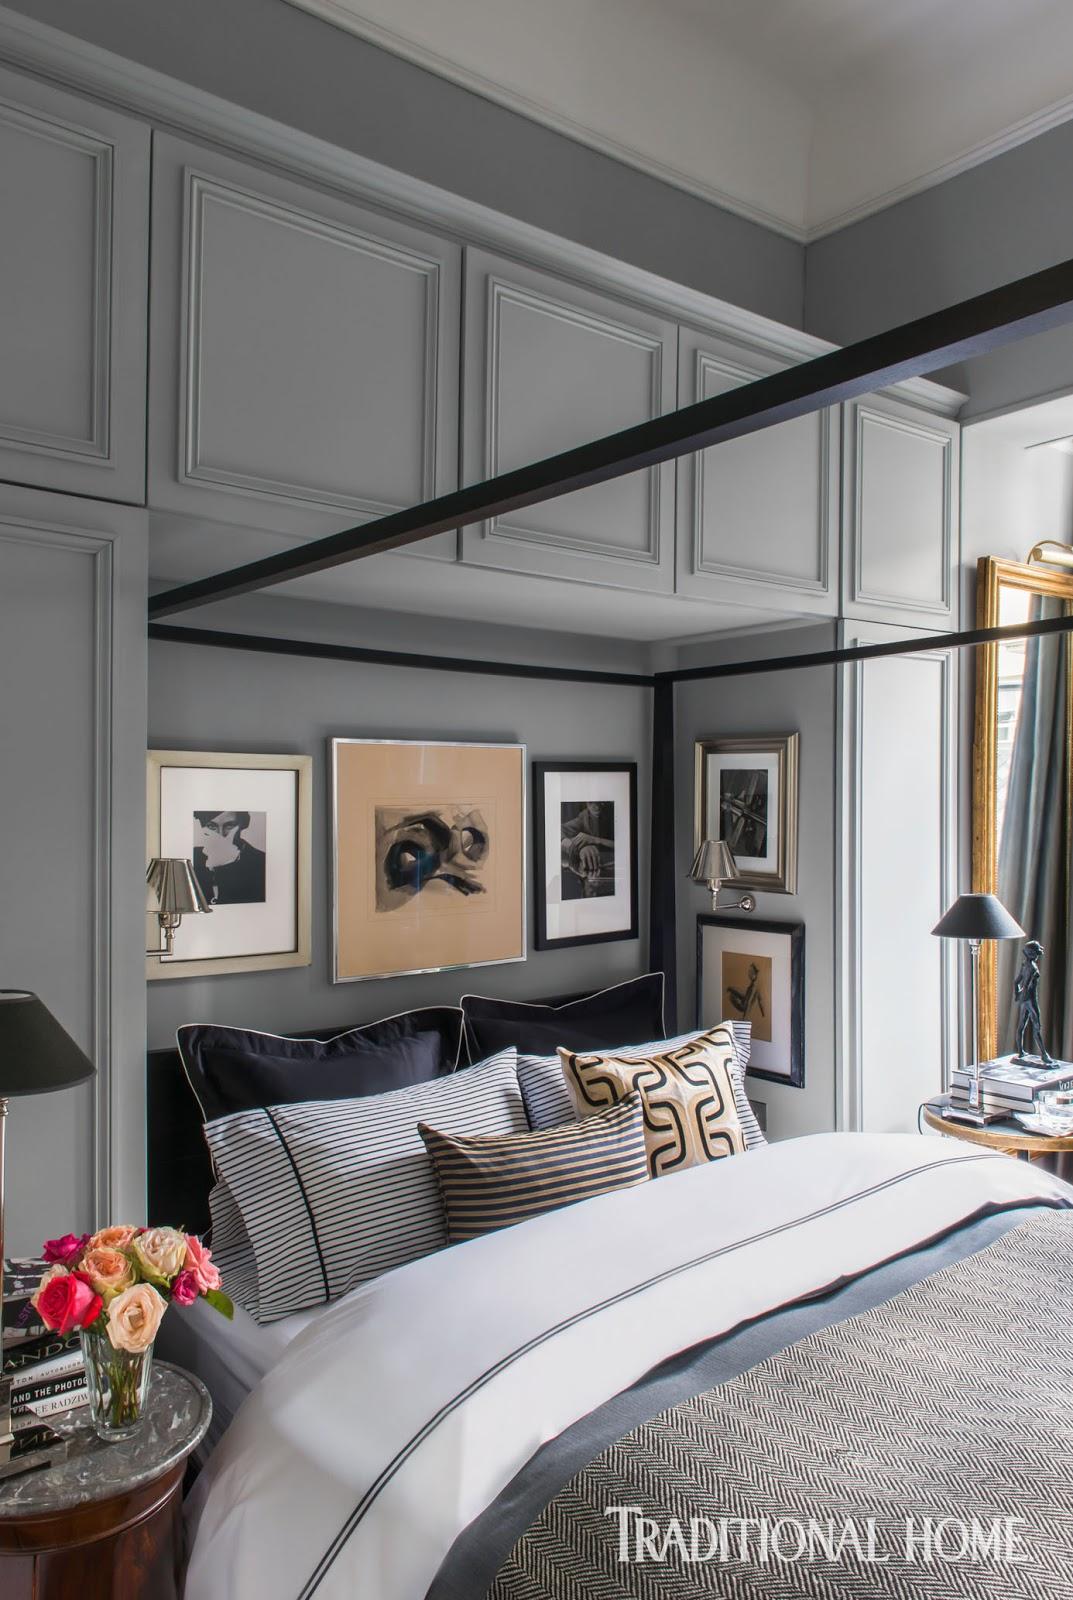 Décor | At Home With: David Jimenez, Paris